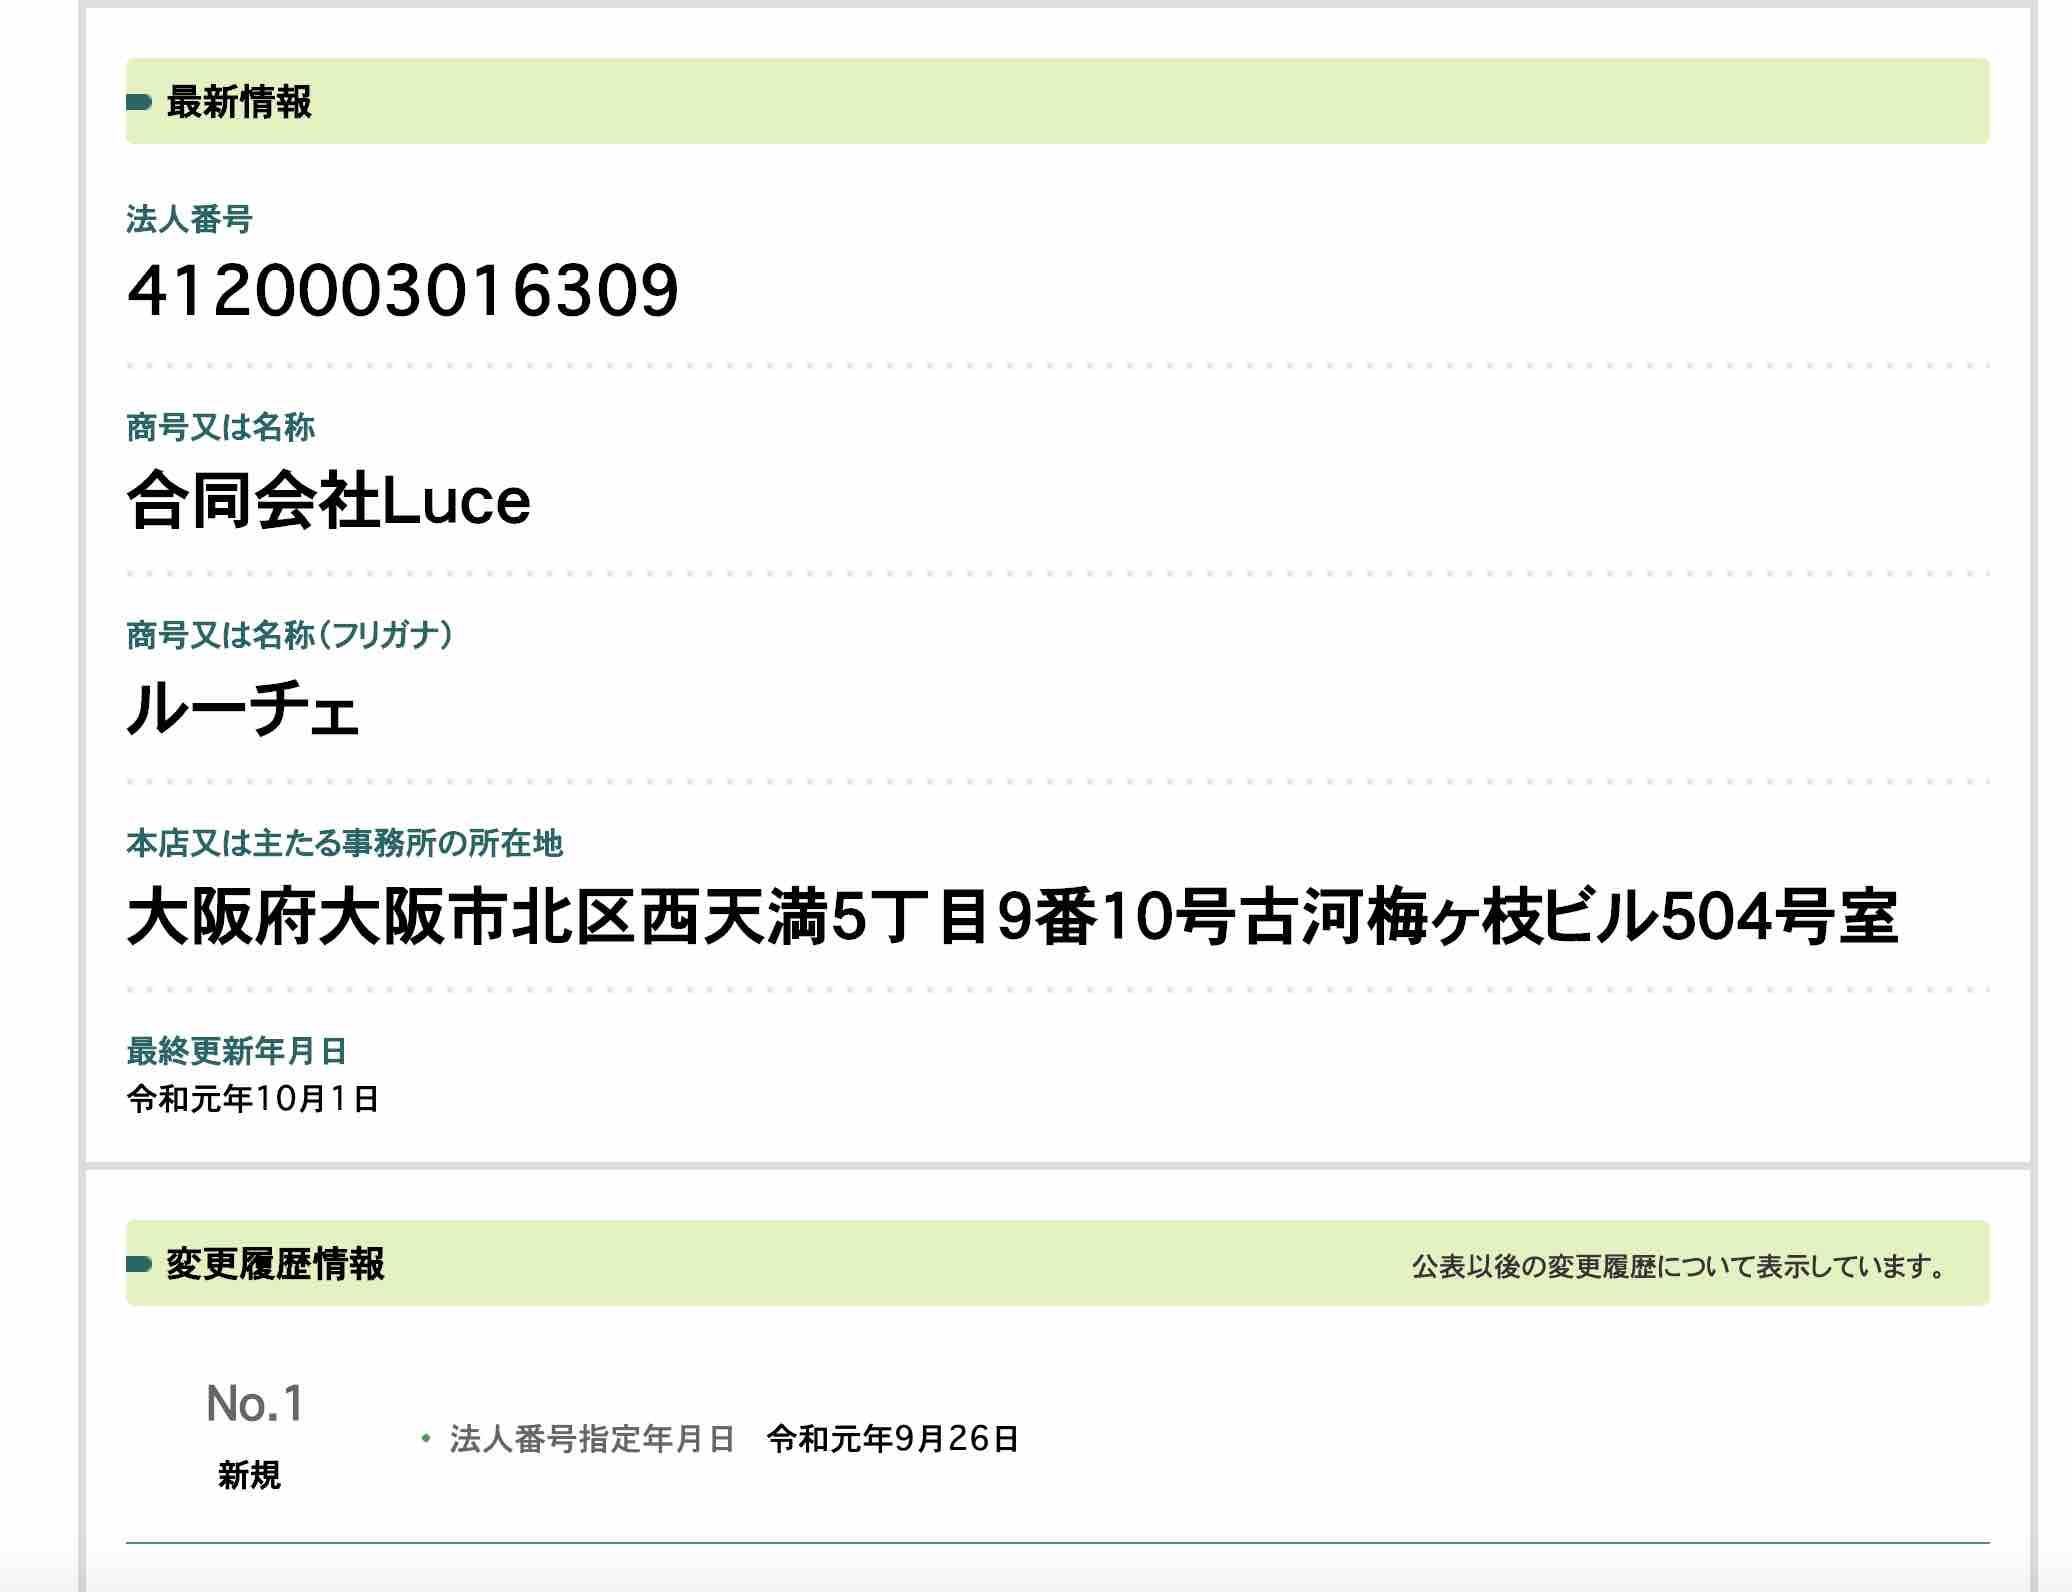 真田光世のビギニング(BEGINNING)やダークホースを運営する合同会社Luce (合同会社ルーチェ)